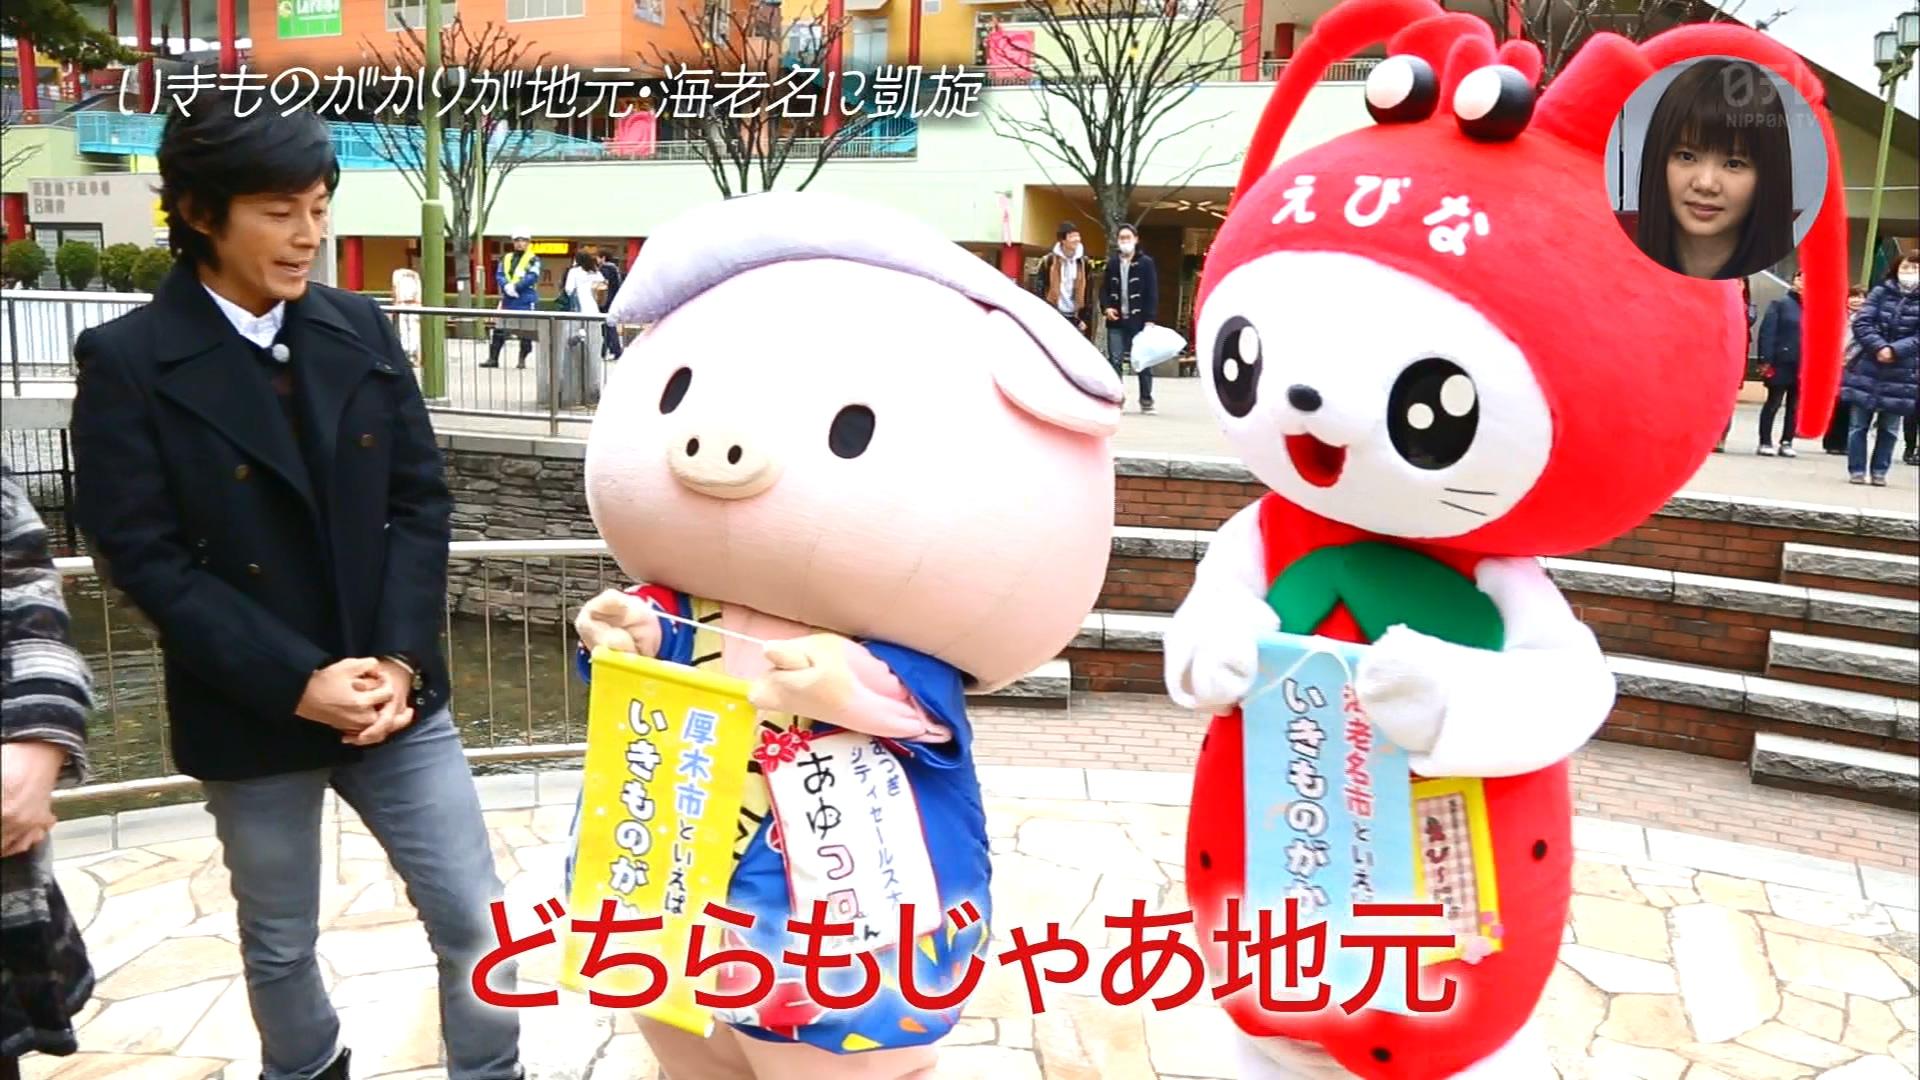 2016.03.13 全場(おしゃれイズム).ts_20160314_011741.100